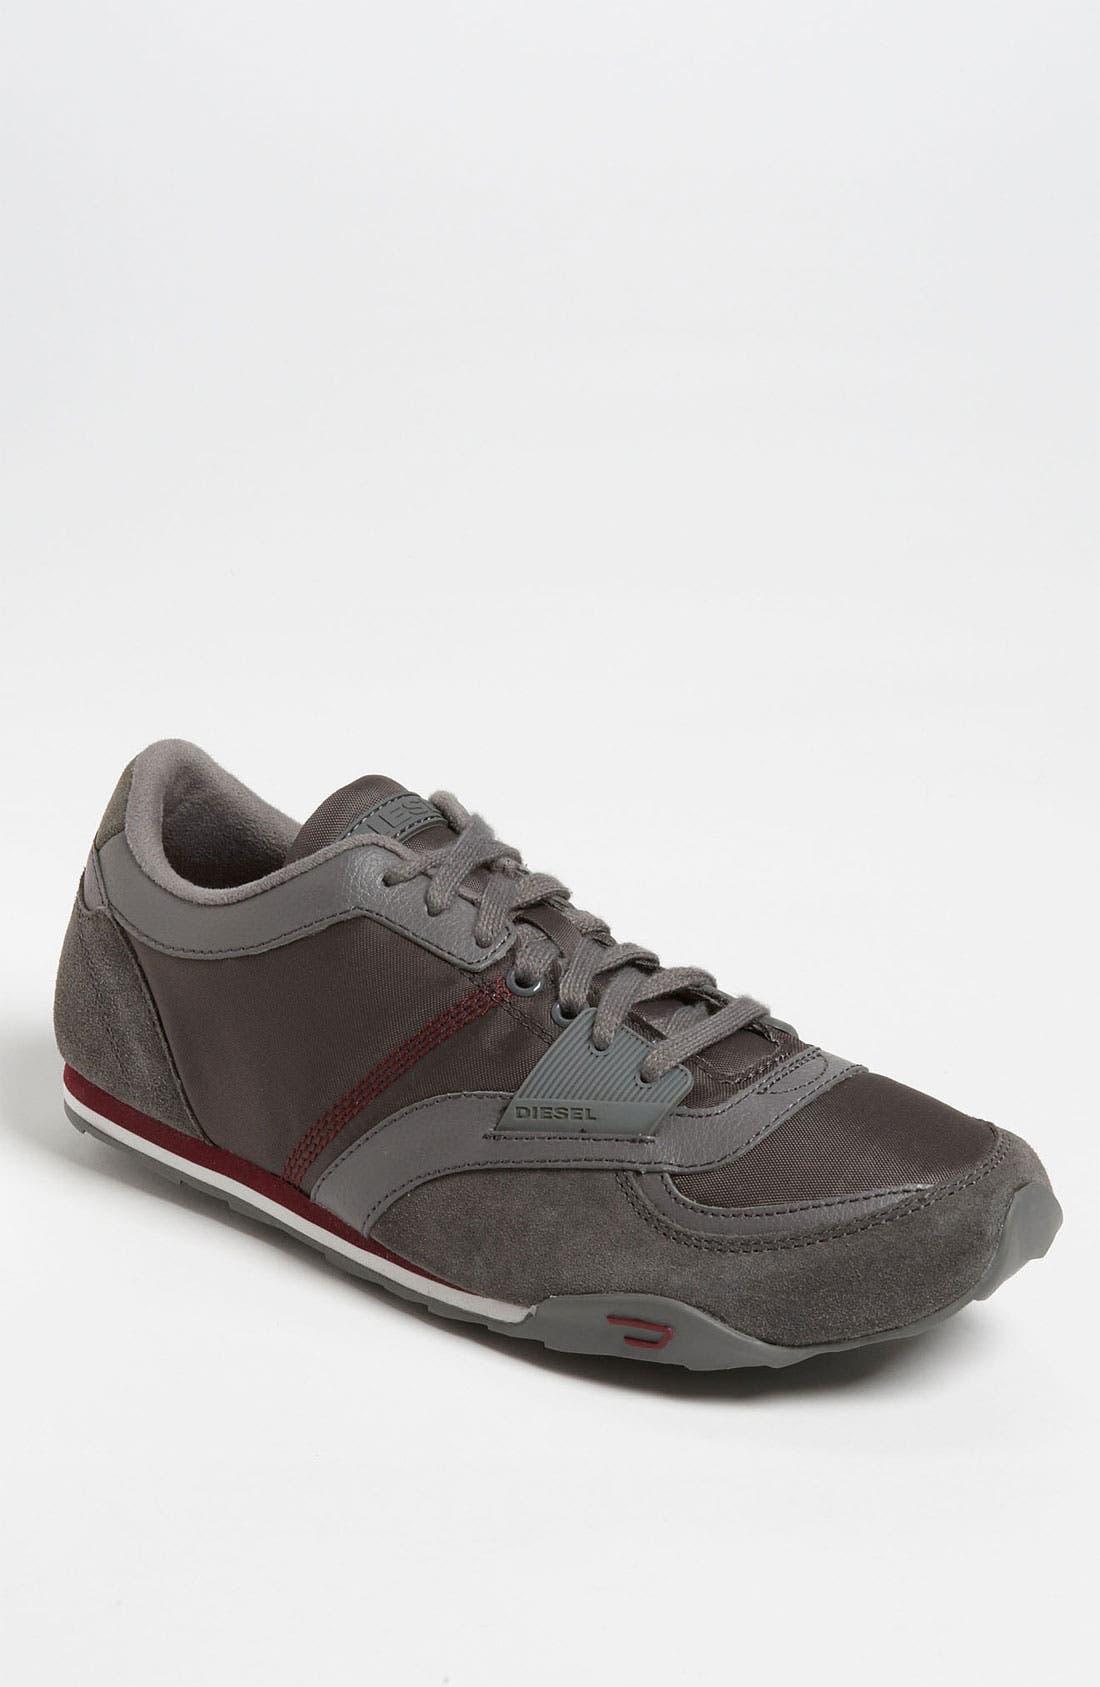 Alternate Image 1 Selected - DIESEL® 'Matthew' Sneaker